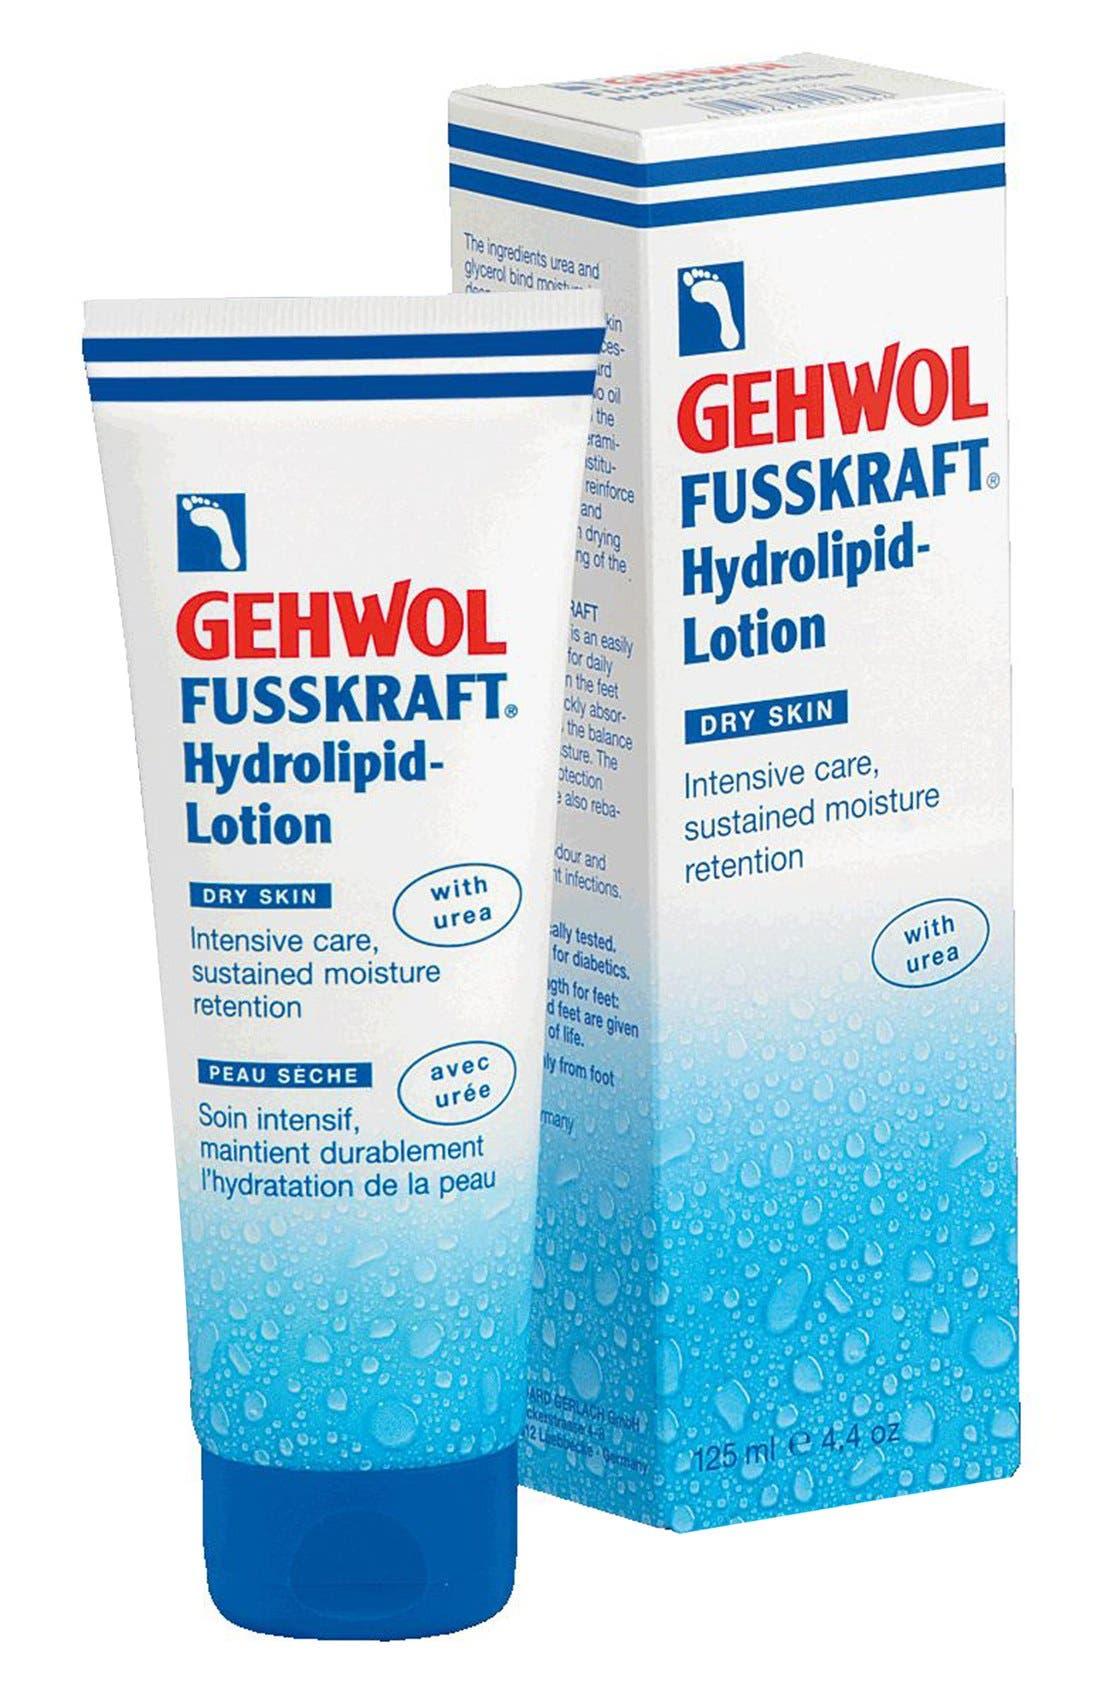 GEHWOL® FUSSKRAFT® Hydrolid Lotion